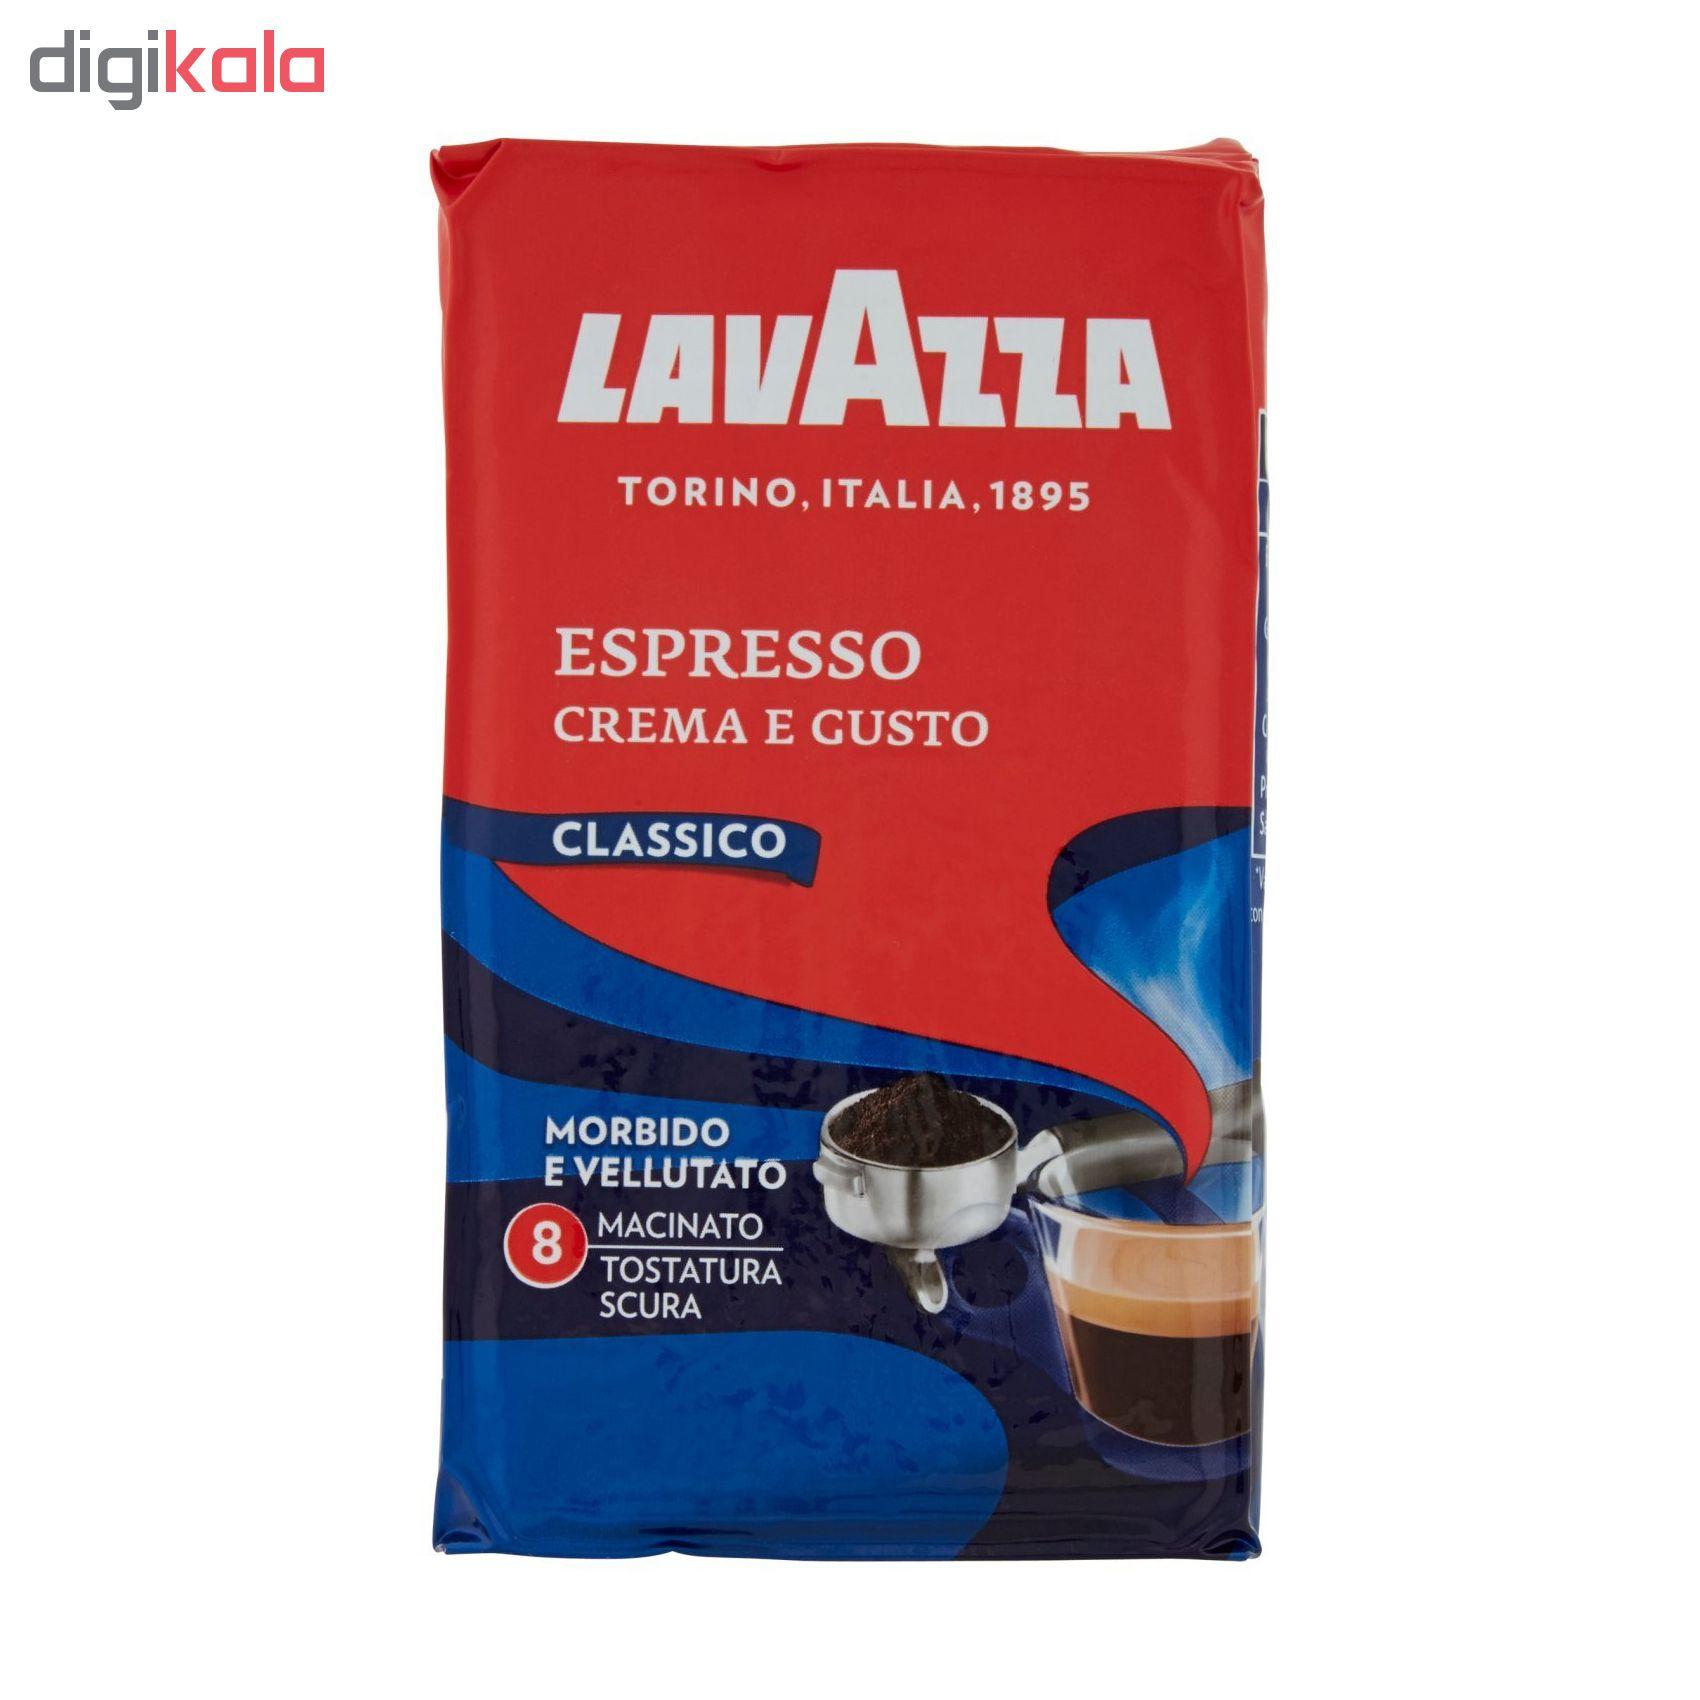 پودر قهوه لاواتزا مدل Crema e Gusto Classico مقدار 250 گرم